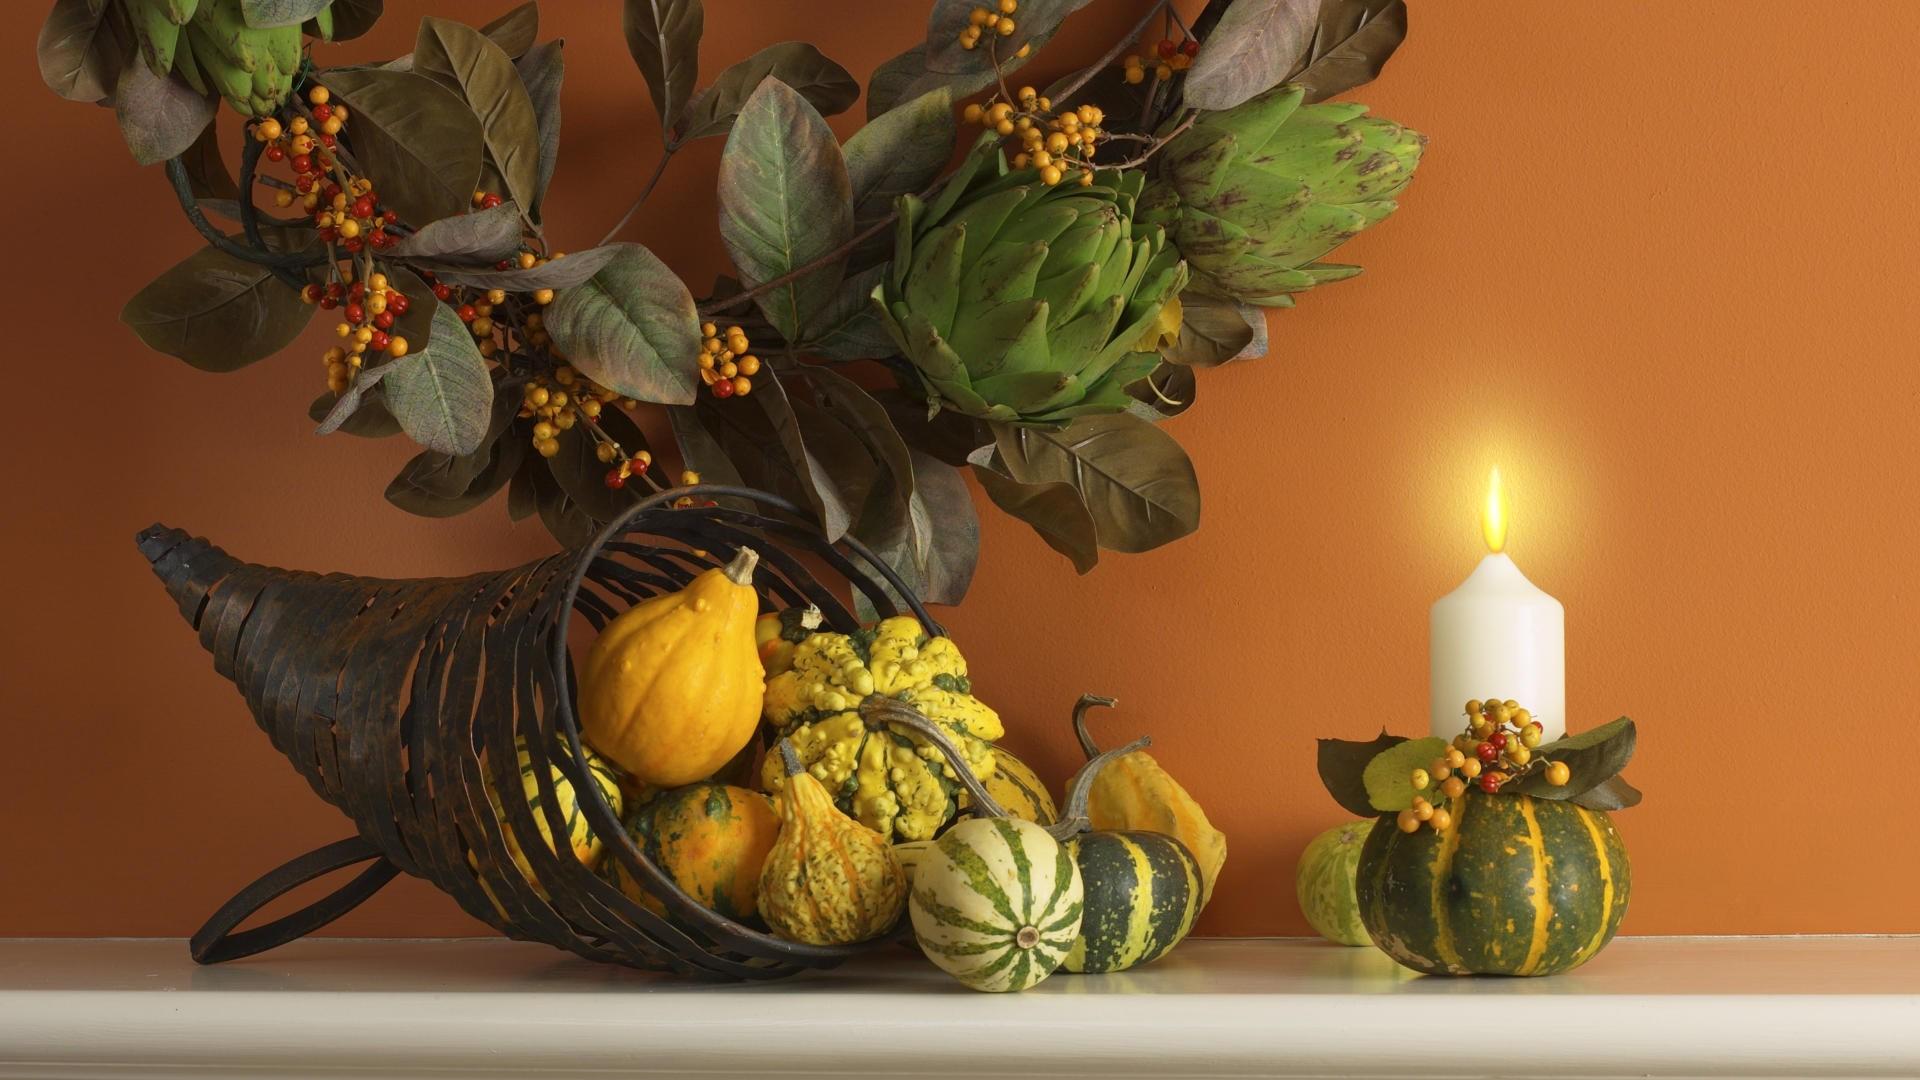 thanksgiving hd wallpaper widescreen 1920x1080 - photo #20